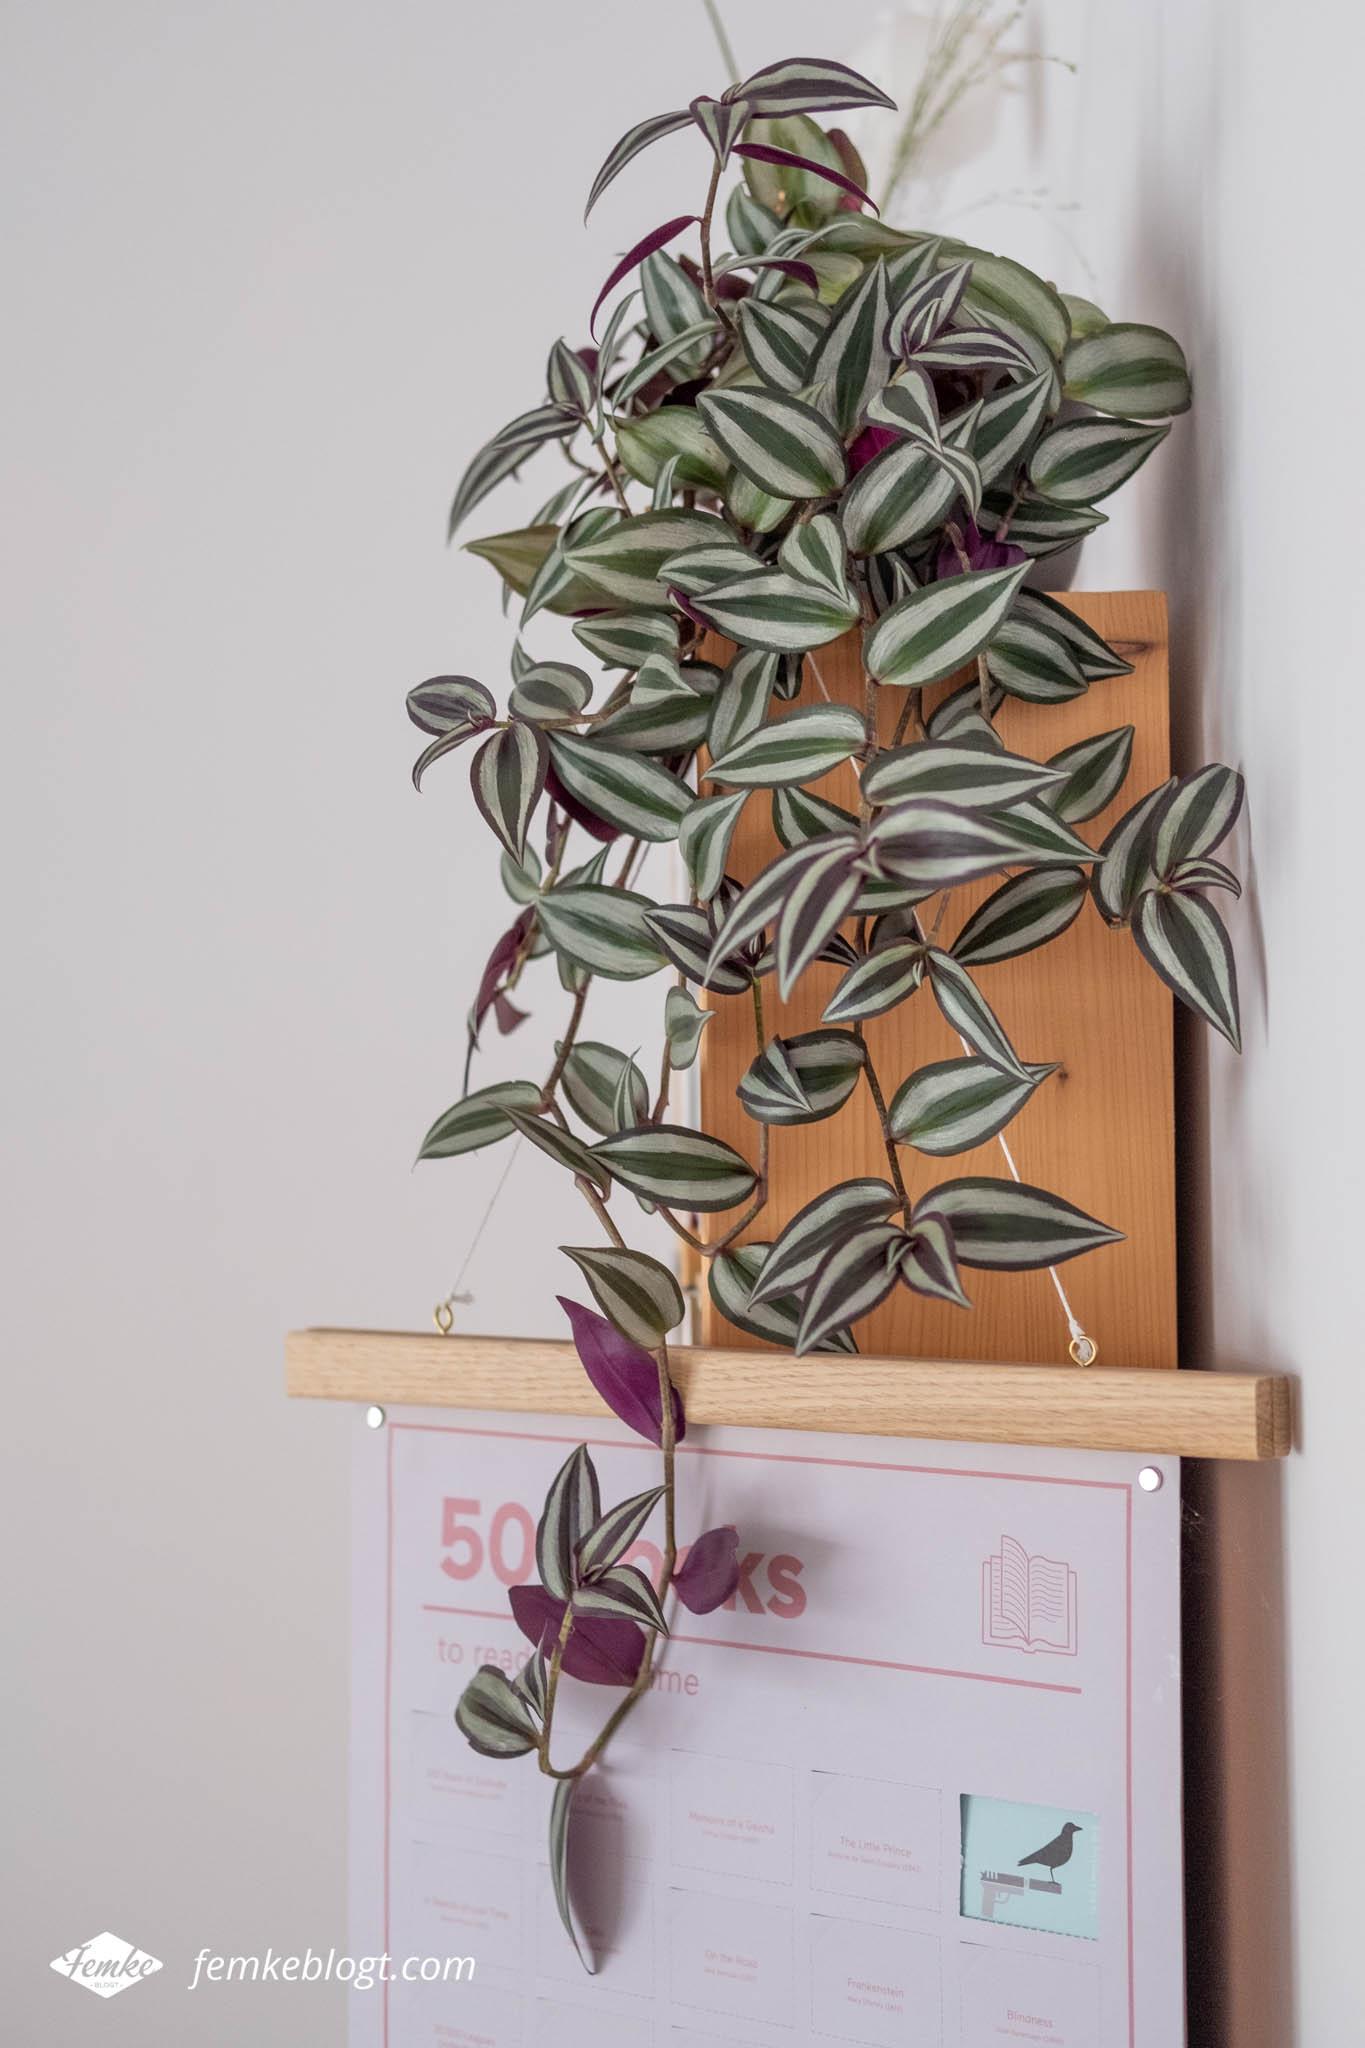 Hangplanten in huis - Tradescantia Nanouk (vaderplant)